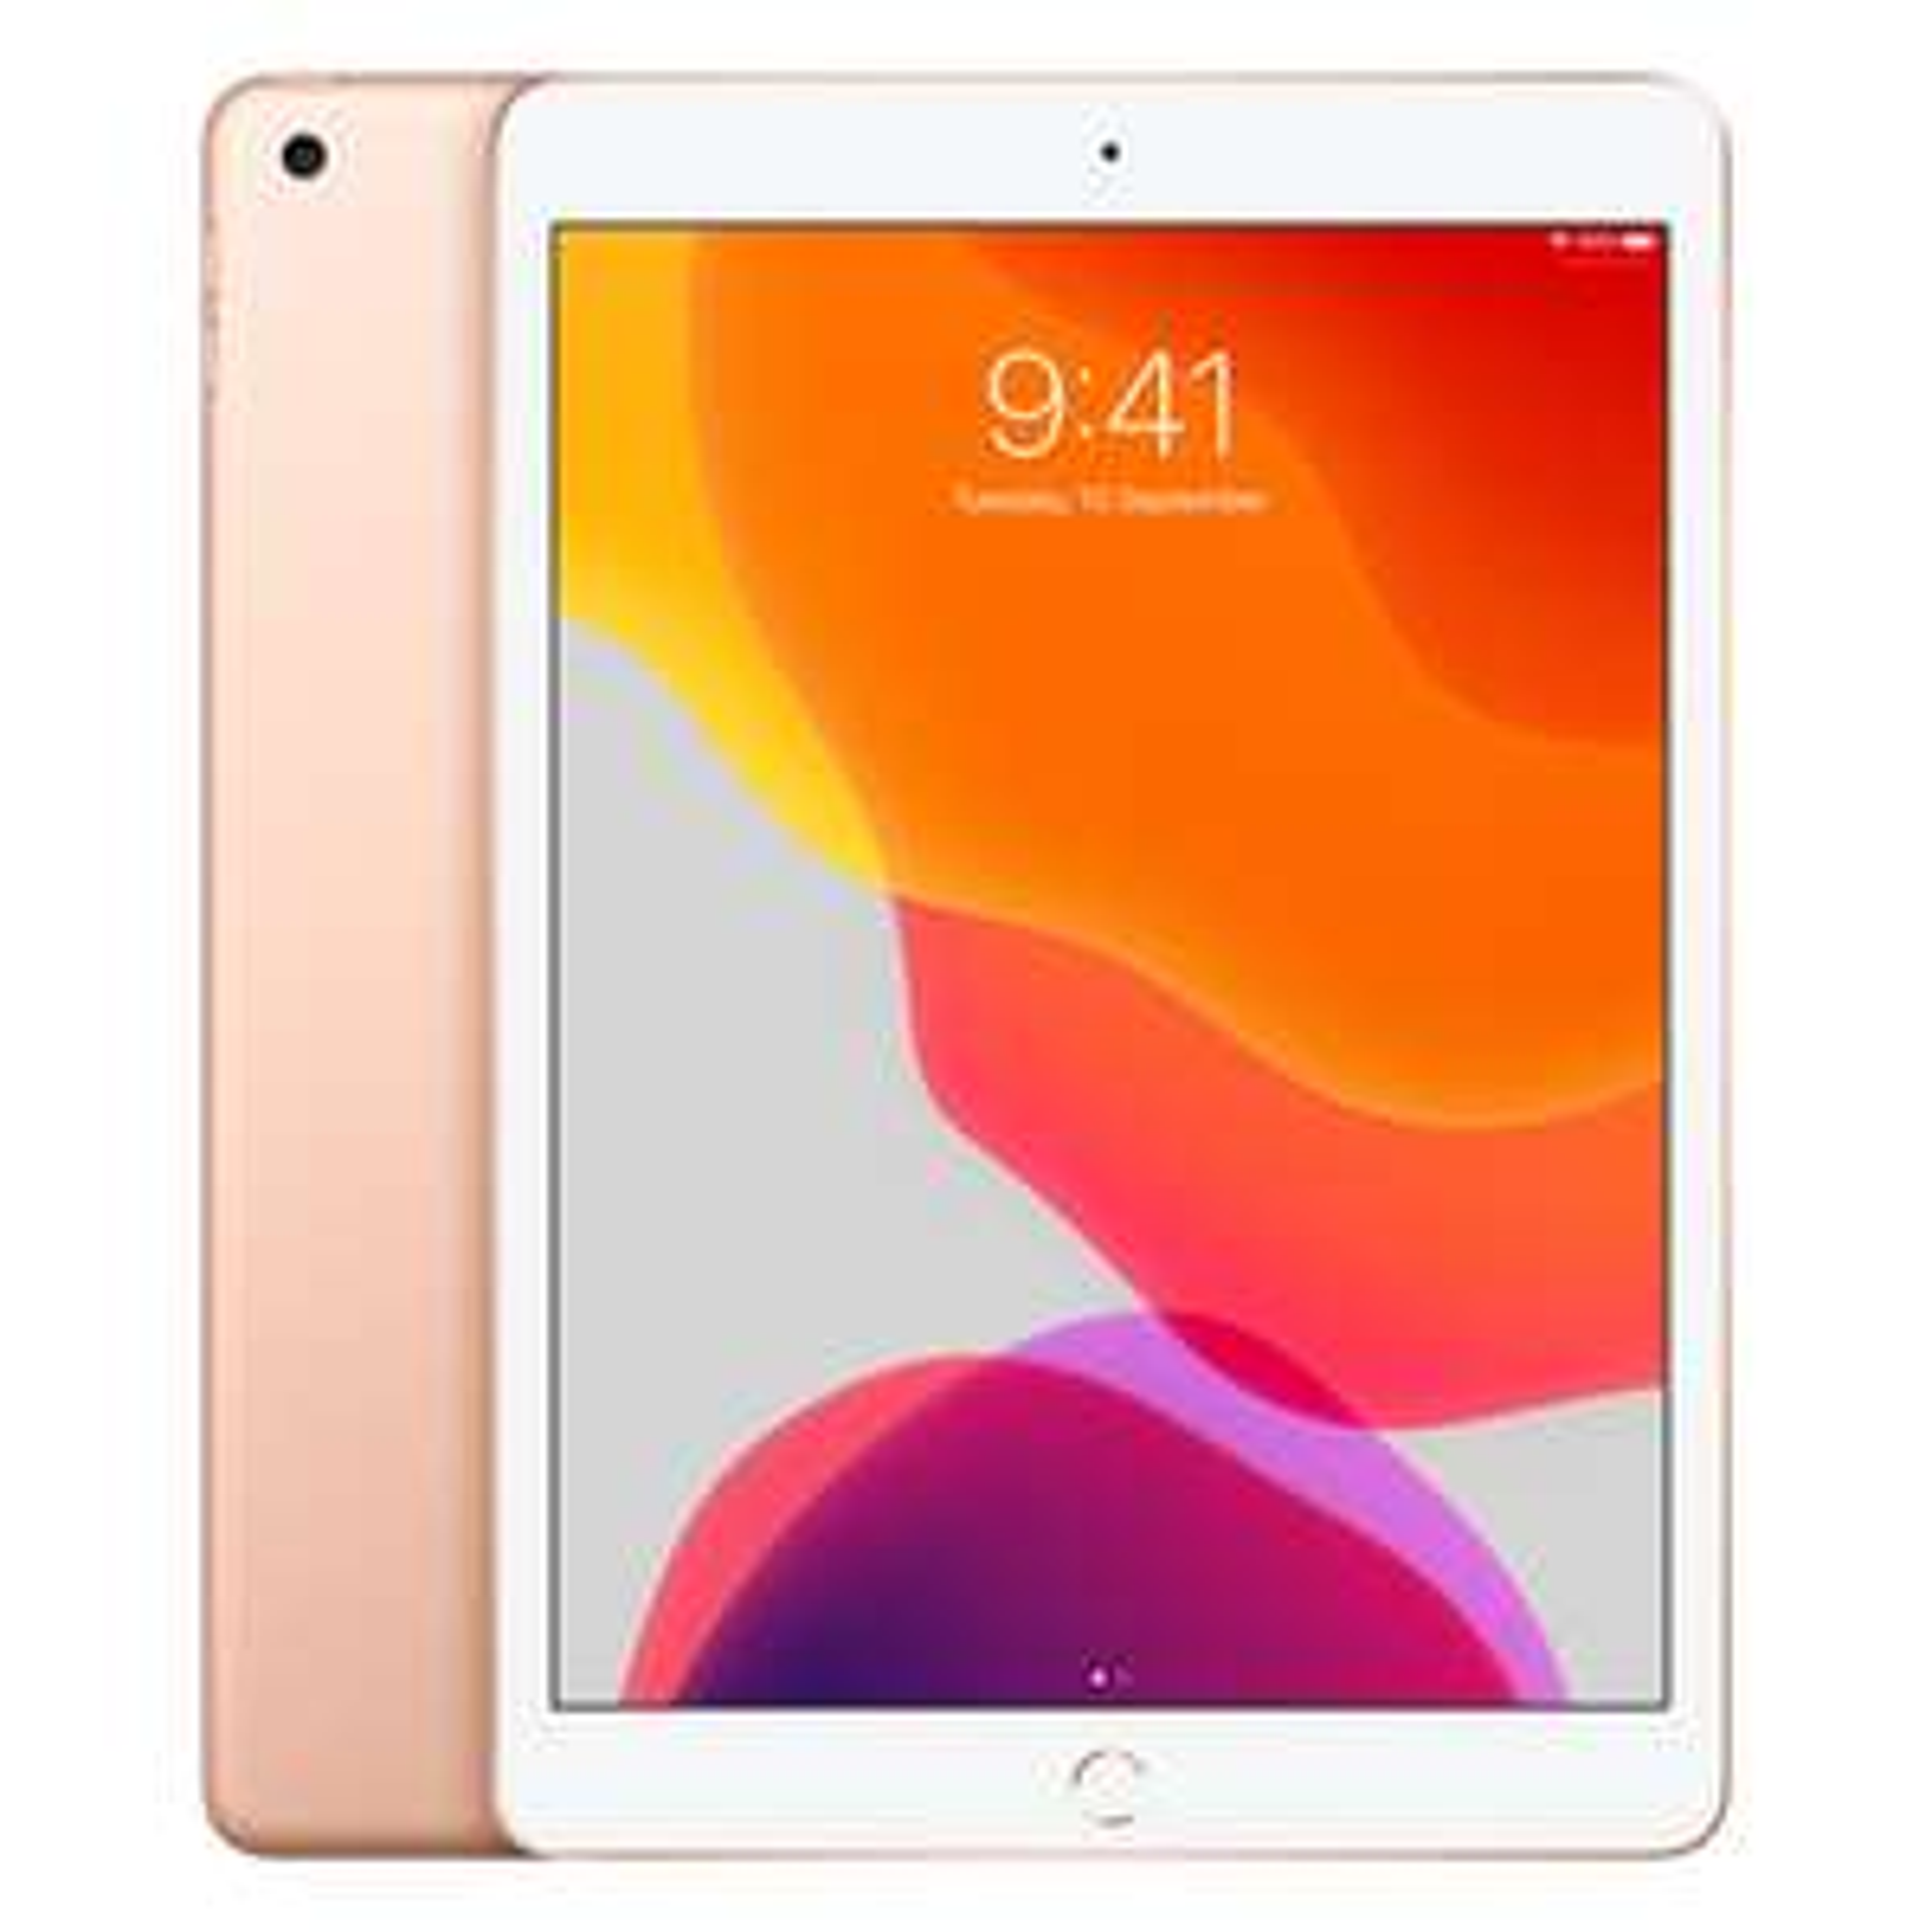 Apple iPad 10.2 (2020) 32GB Wifi - Gold